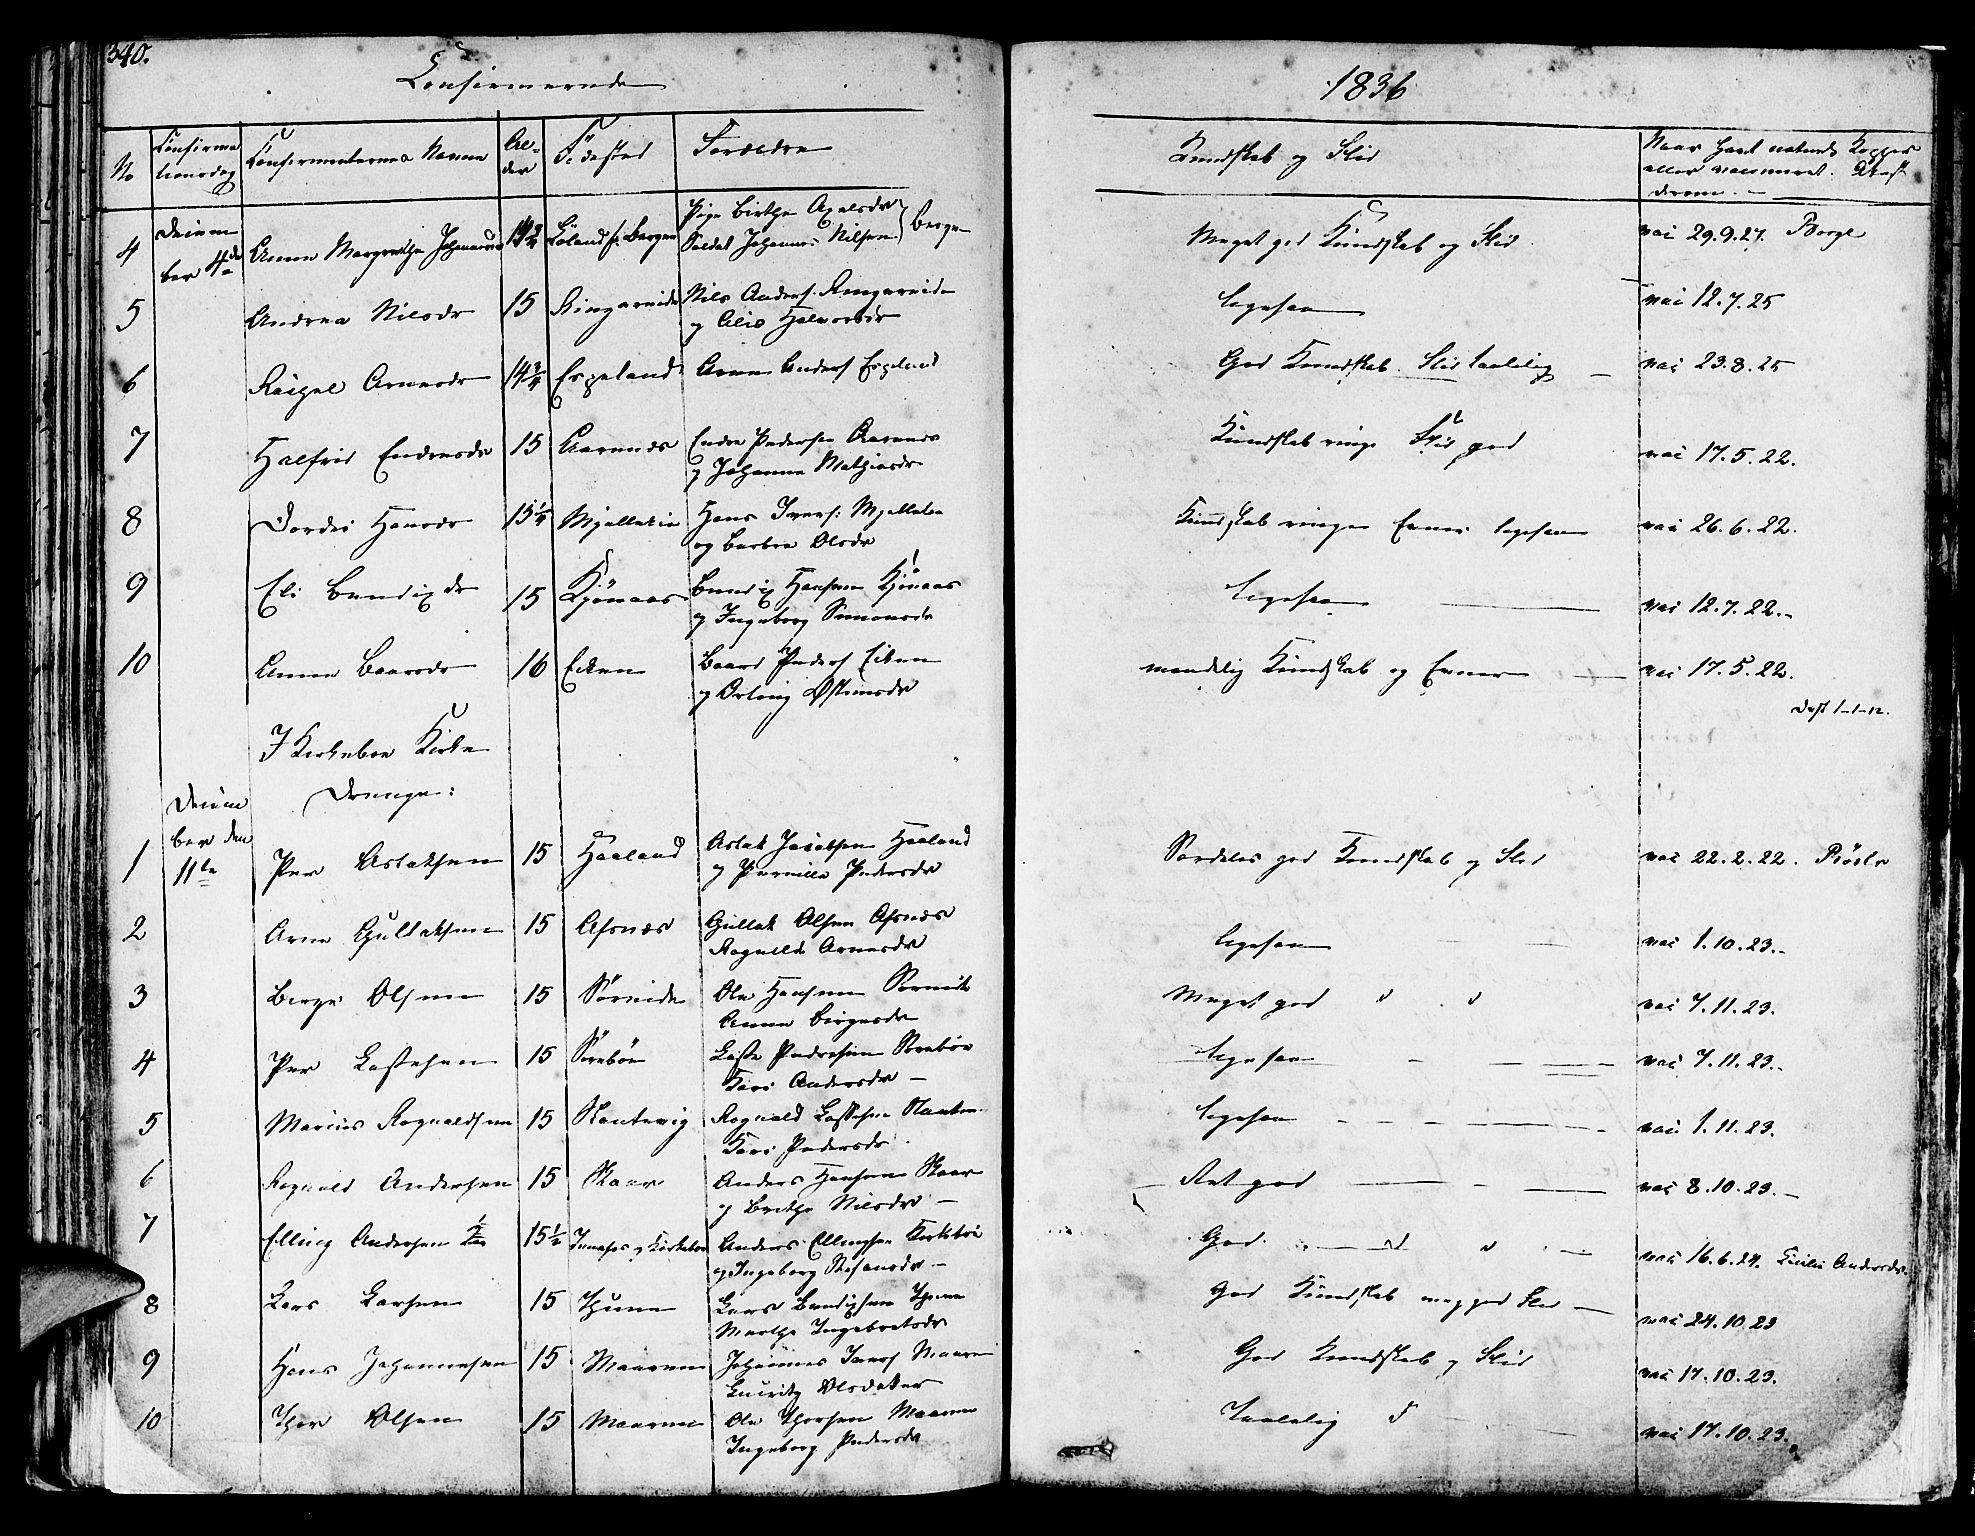 SAB, Lavik sokneprestembete, Ministerialbok nr. A 2I, 1821-1842, s. 340